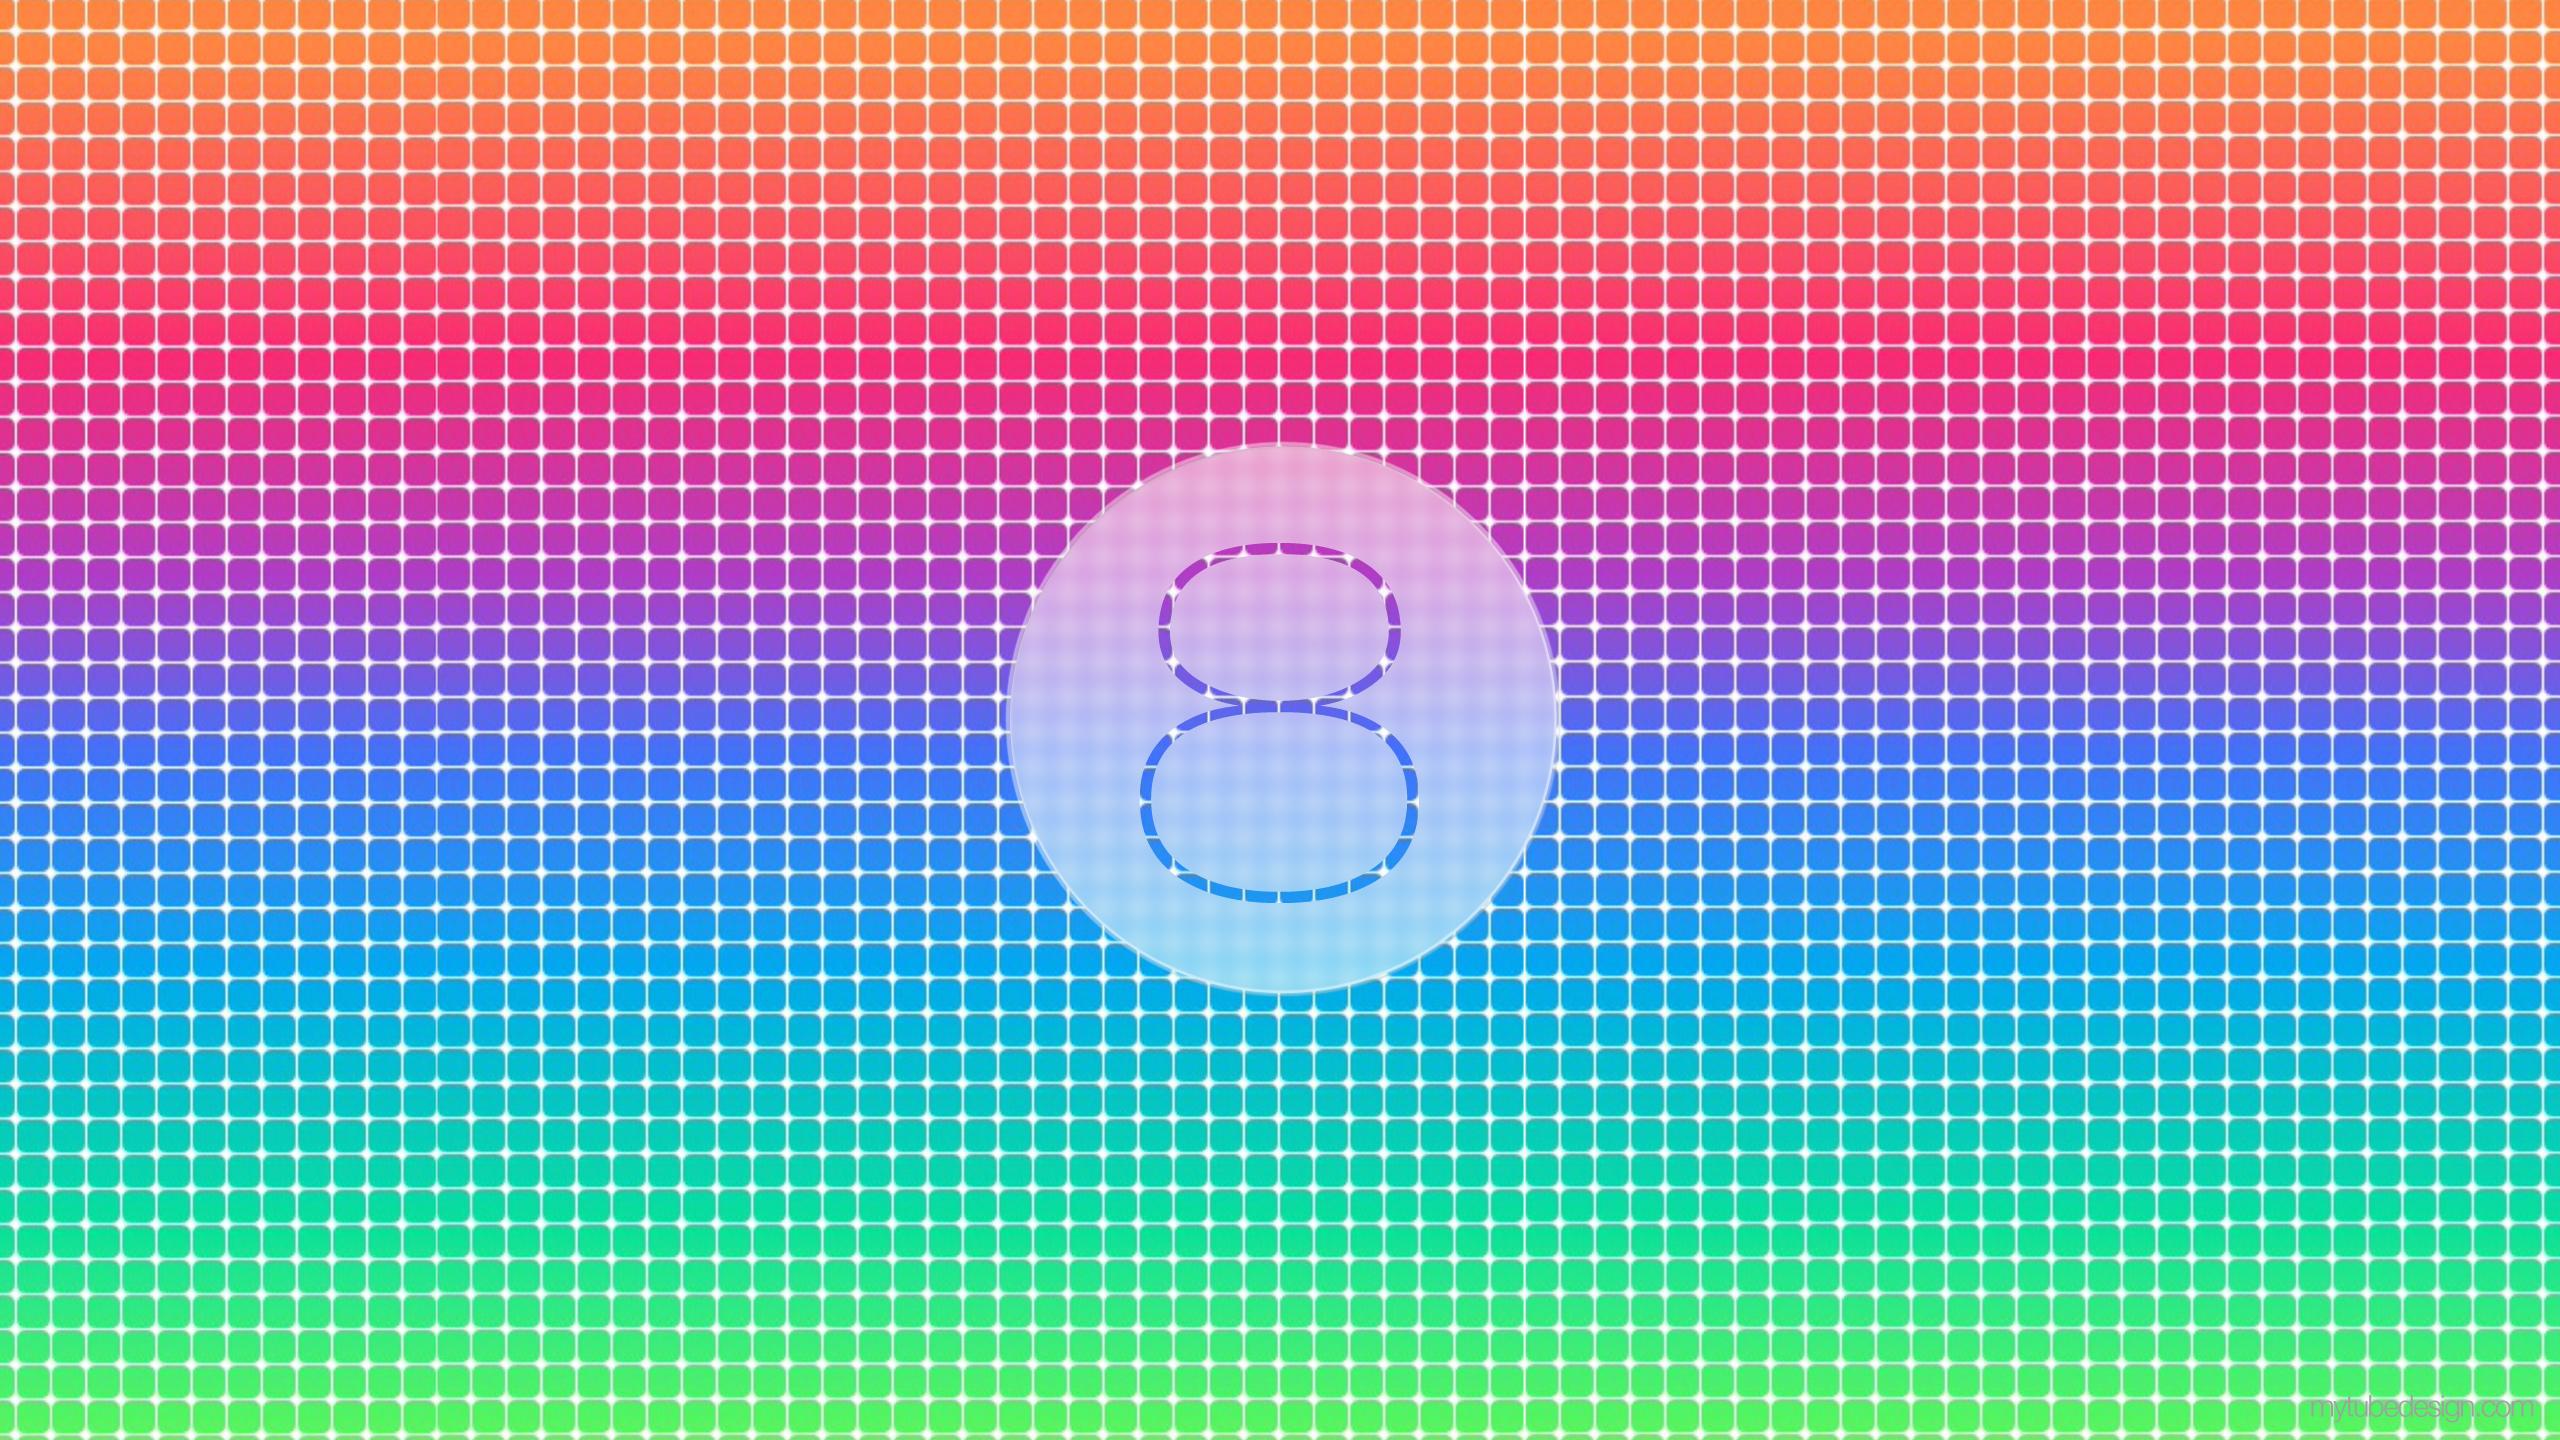 7479296 11529131 iOS 8 serait installé sur 84% des appareils mobiles Apple